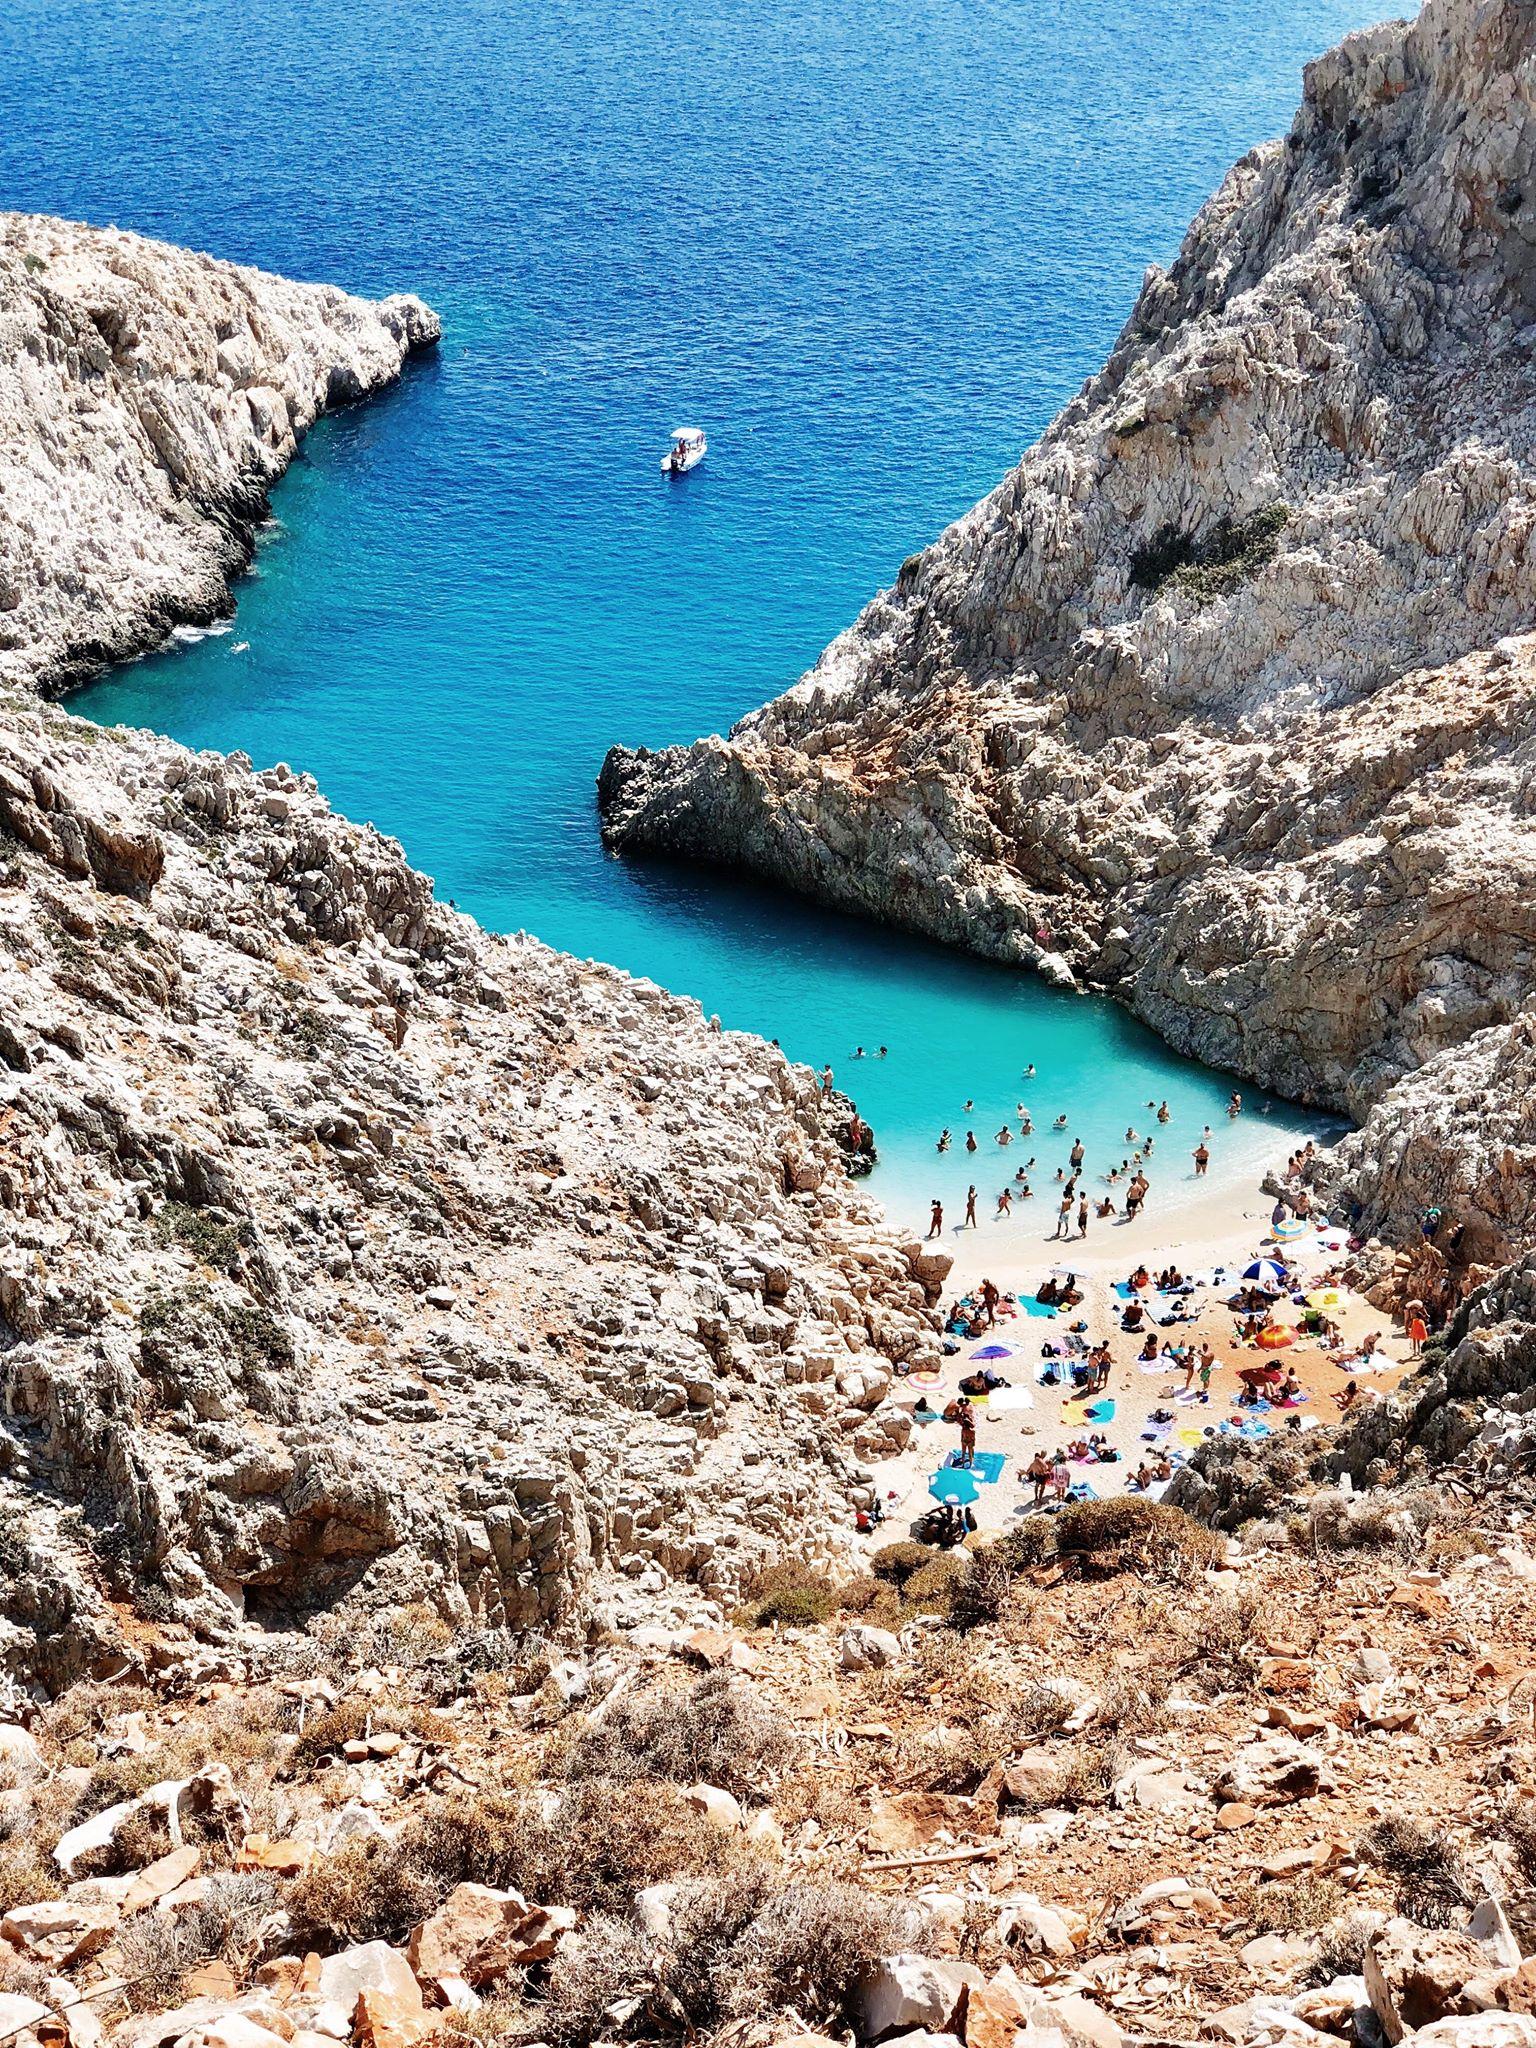 Rejseguide til gode seværdigheder, spisesteder og strande på Kreta